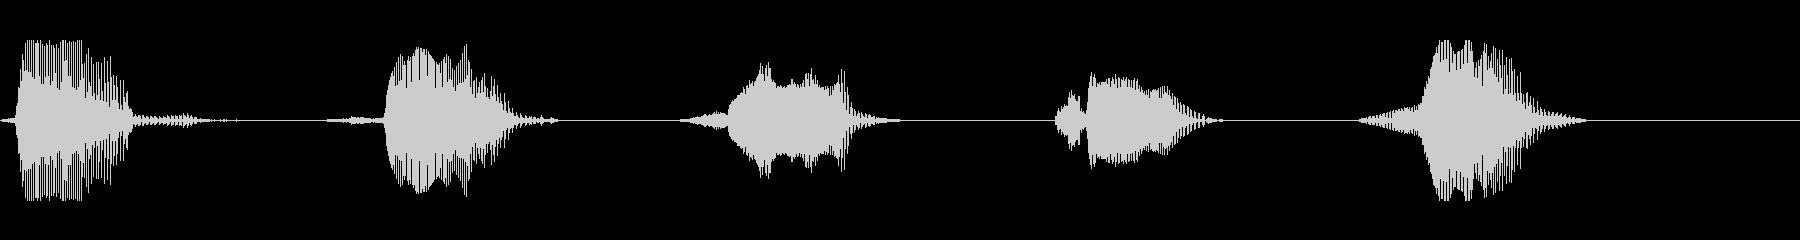 カウント 54321 (英語・平常心の未再生の波形